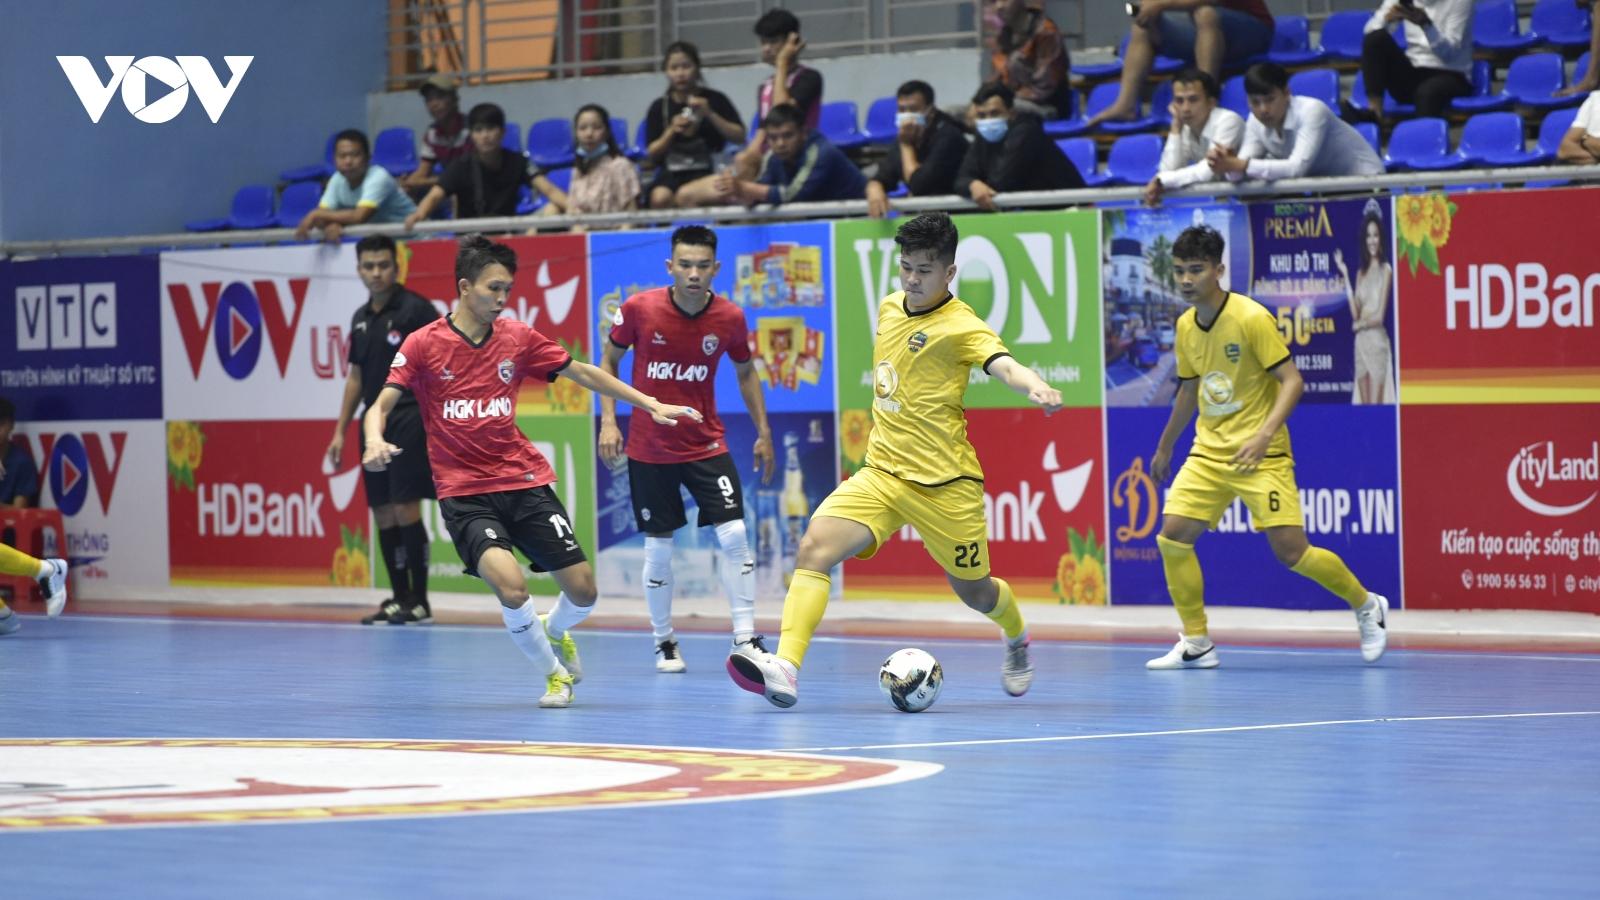 Giải Futsal HDBank VĐQG 2021: Chủ nhà Hưng Gia Khang Đắk Lắk thất bại đáng tiếc